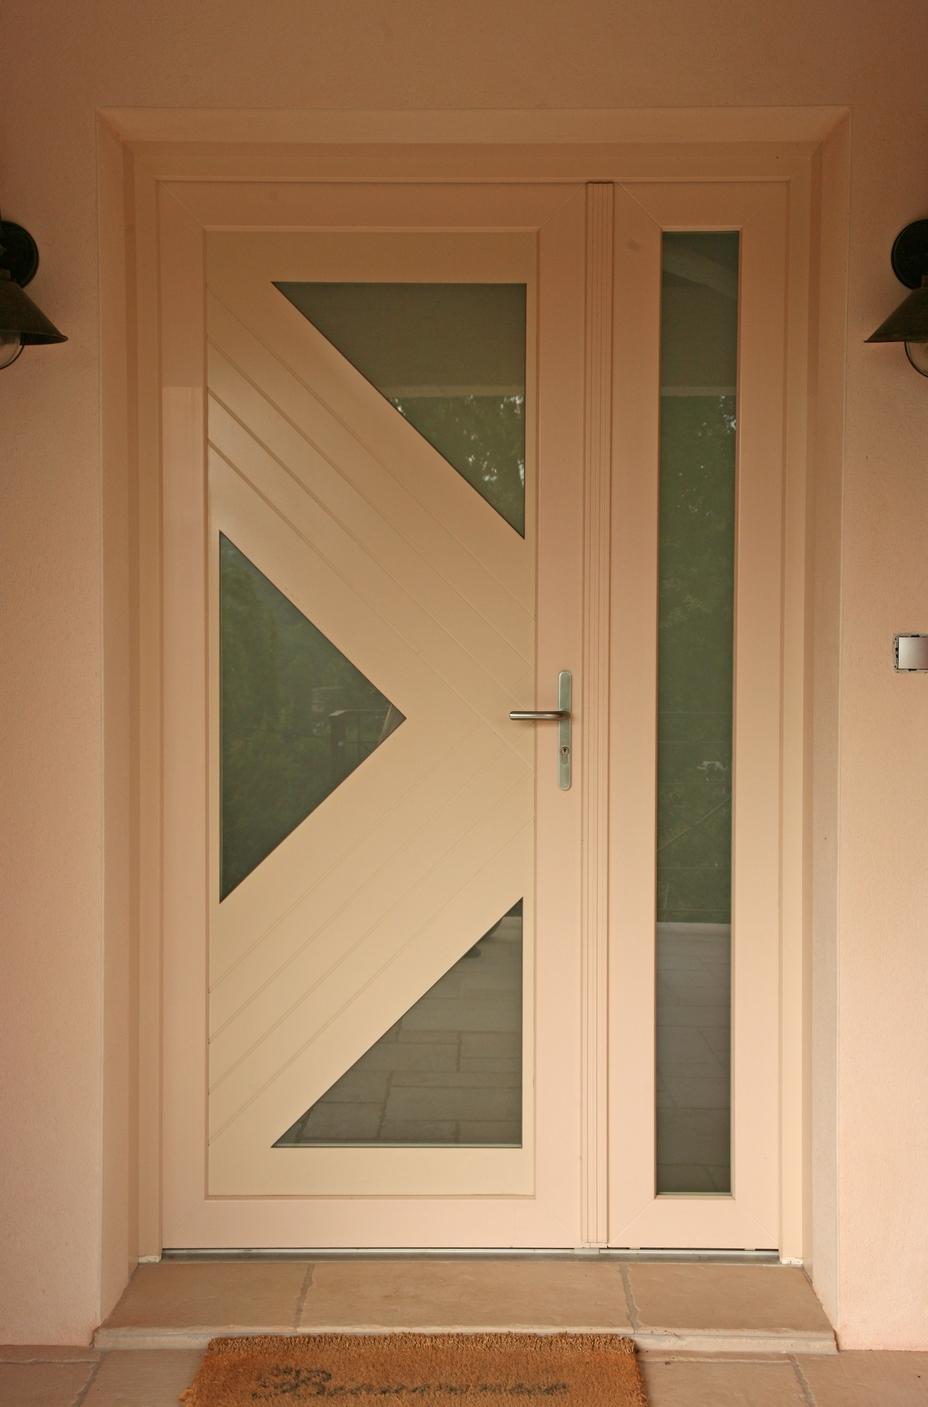 Porte d'entrée en PVC, gamme contemporaine